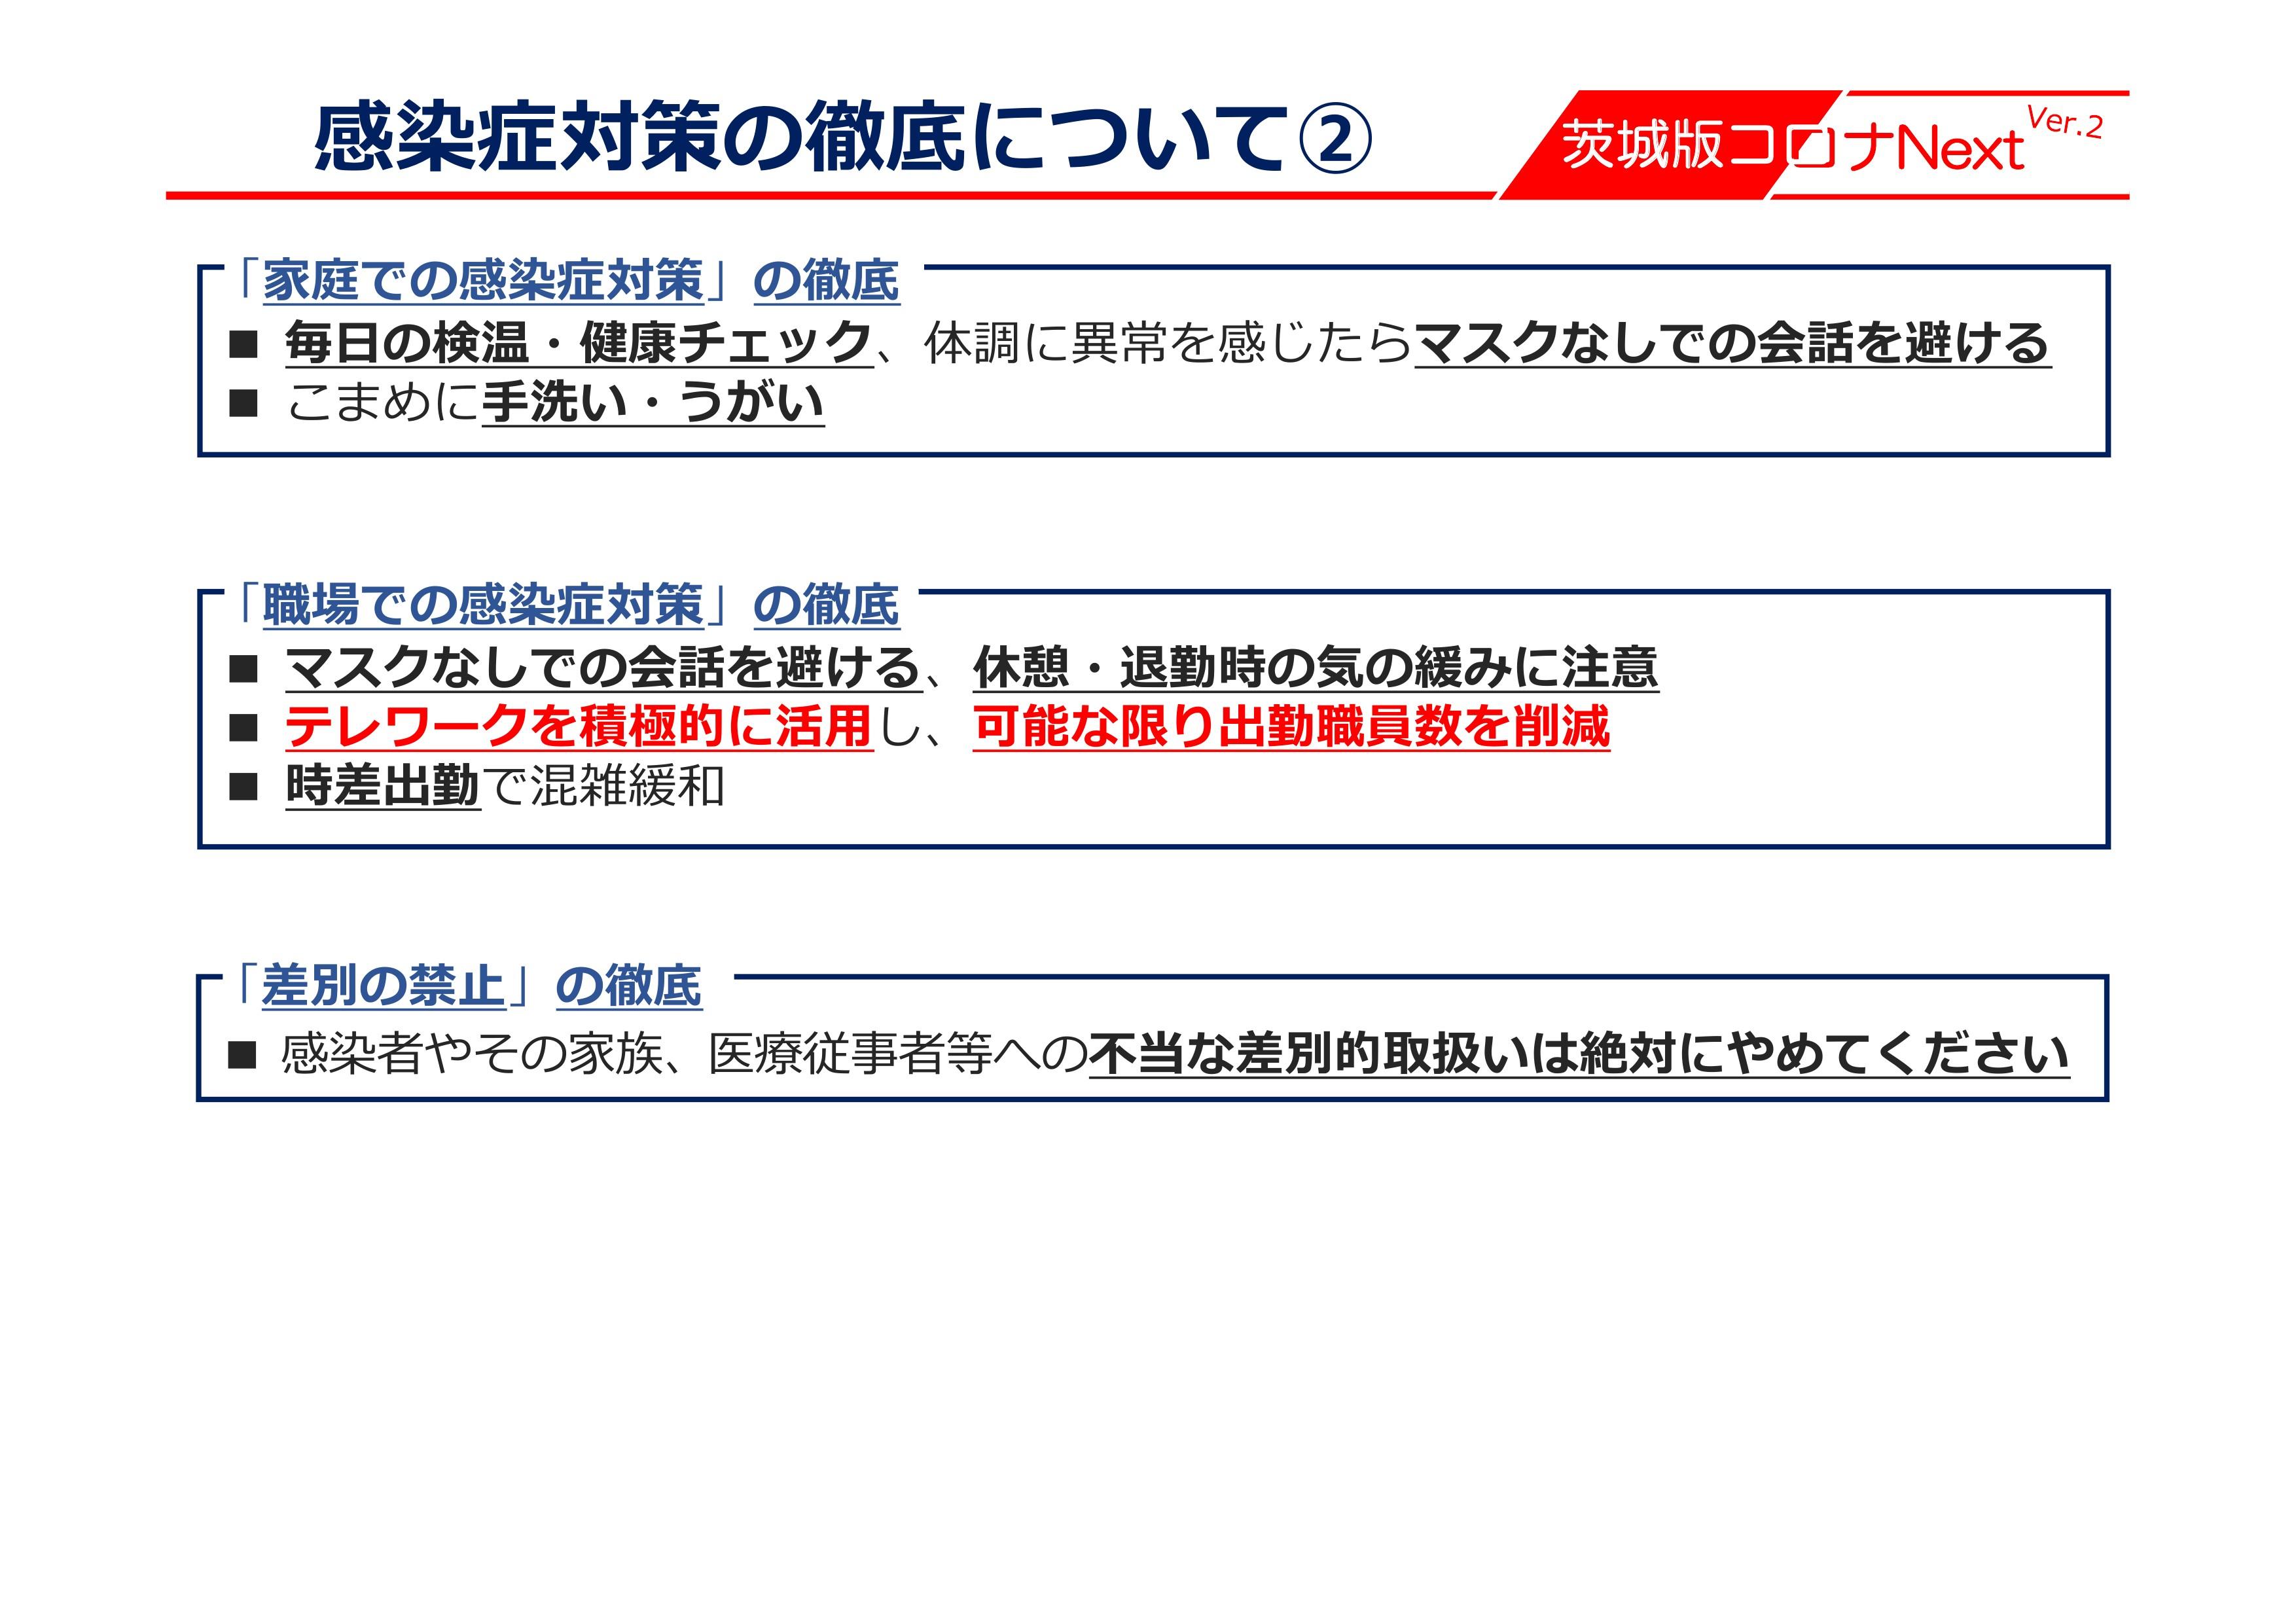 1月12日茨城県発表資料2